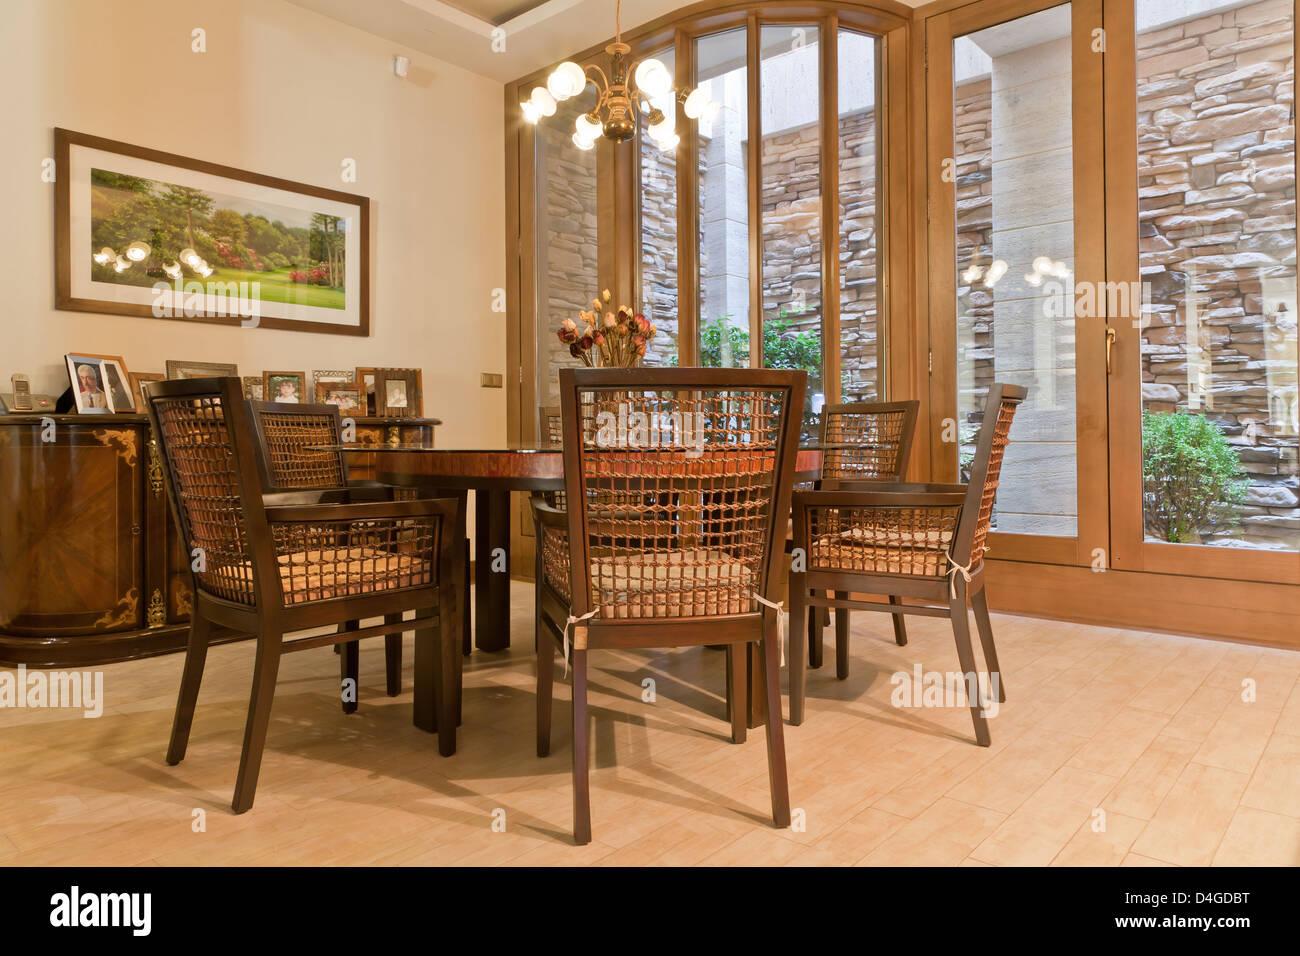 Iranische modernes Haus Interior Design Stockfoto, Bild: 54451484 ...